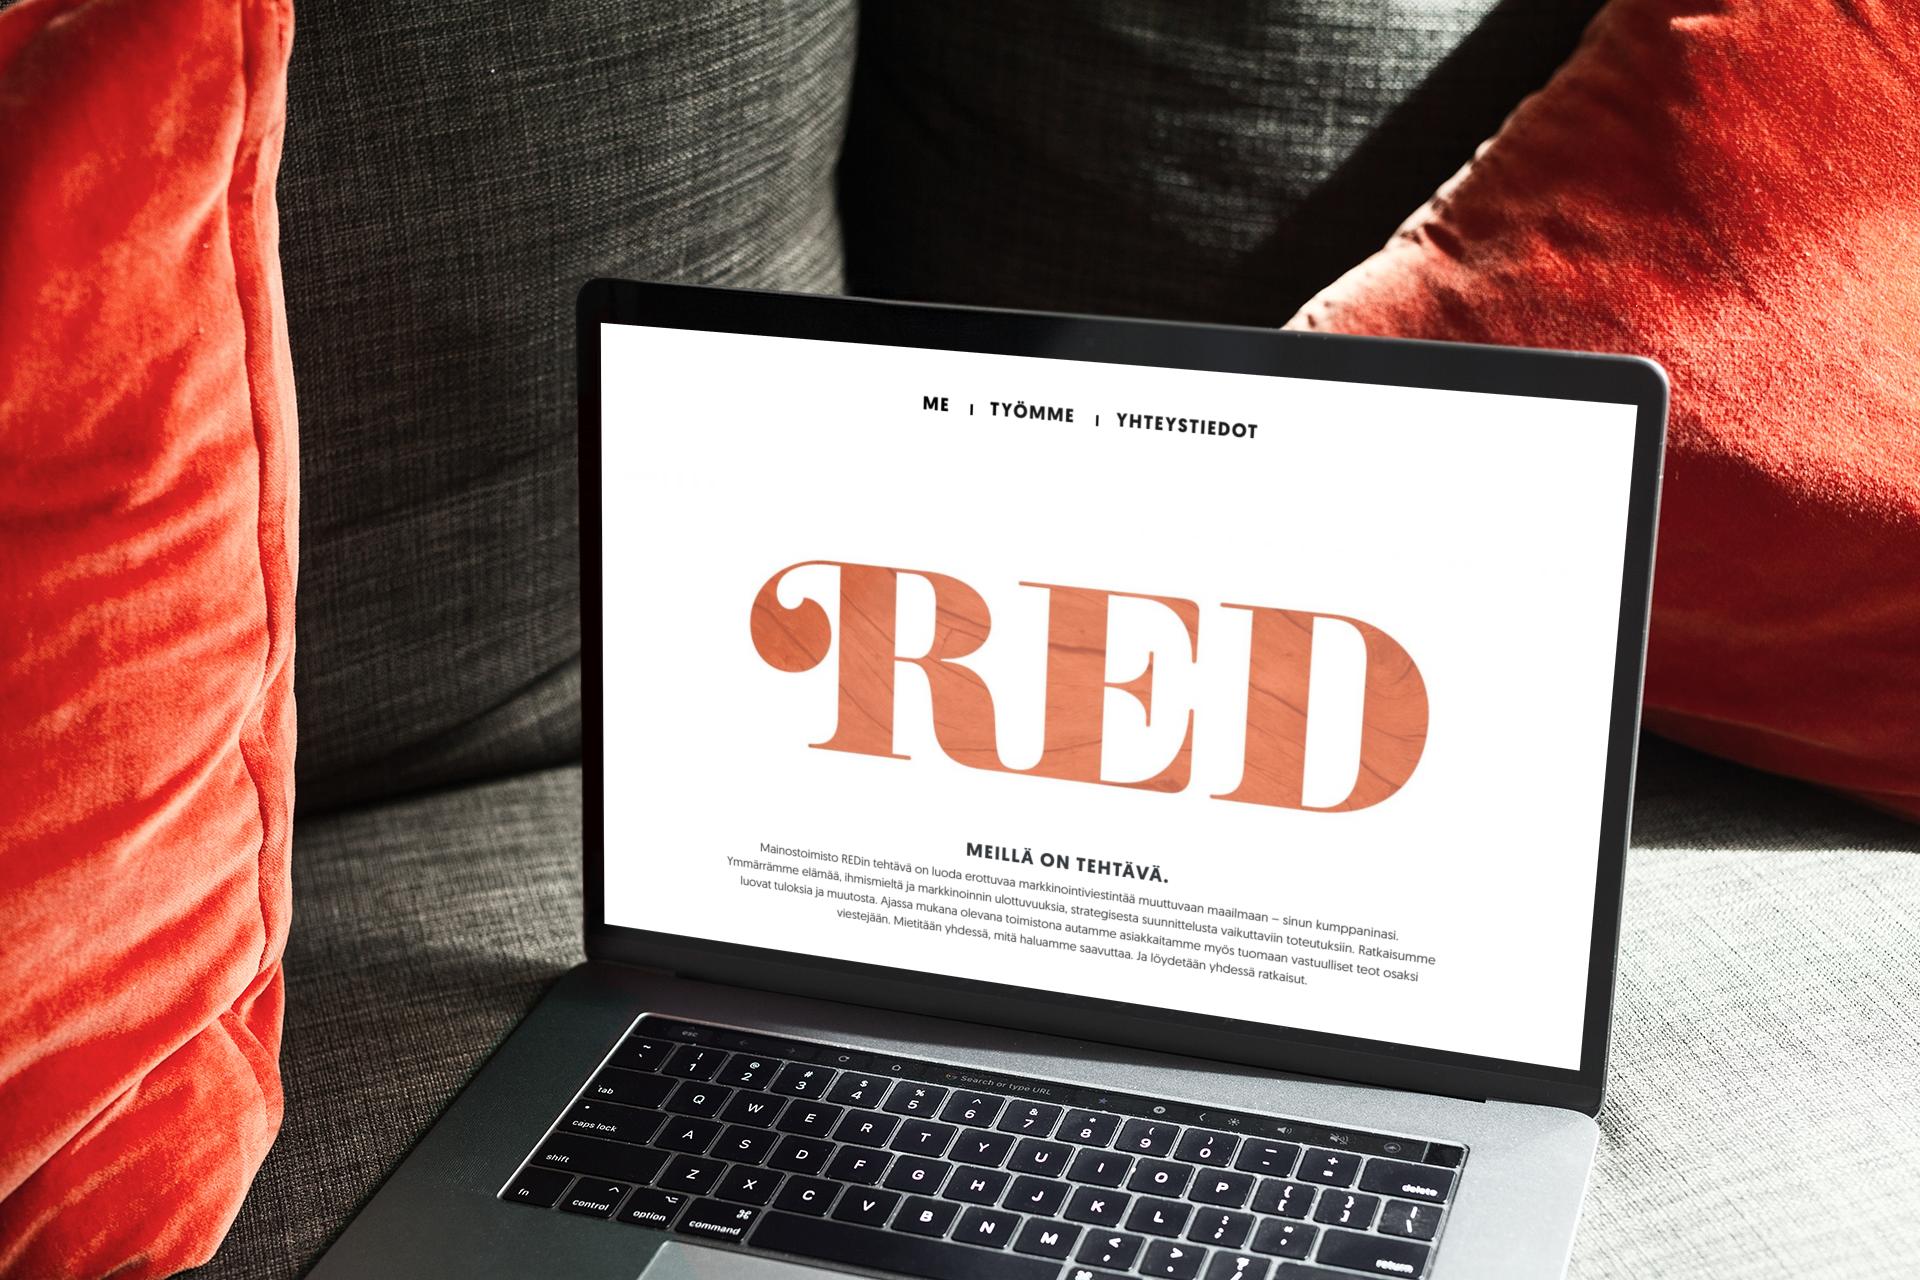 Mainostoimisto RED etusivu sohvalla olevan läppärin näytöllä.